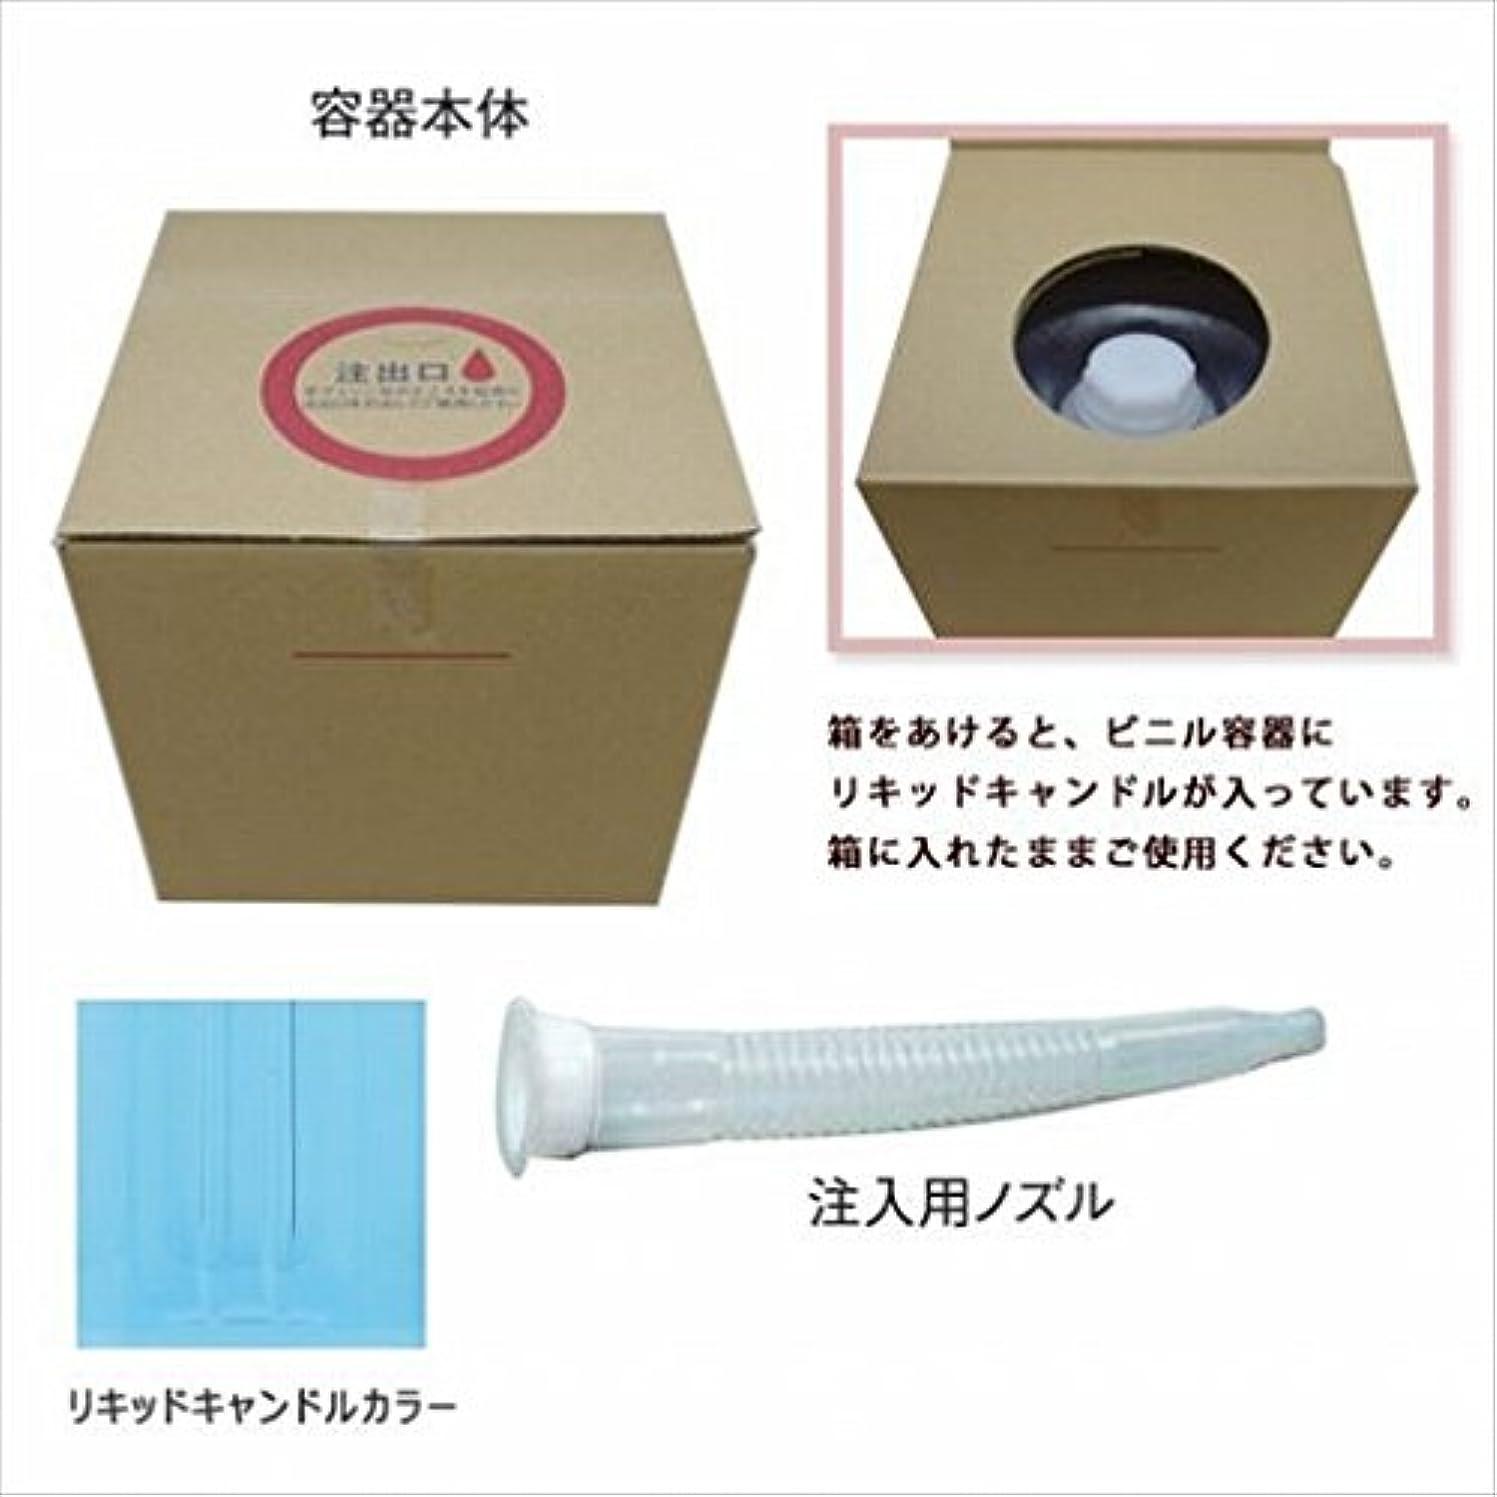 可決薄い贅沢カメヤマキャンドル(kameyama candle) リキッドキャンドル5リットル 「 ライトブルー 」